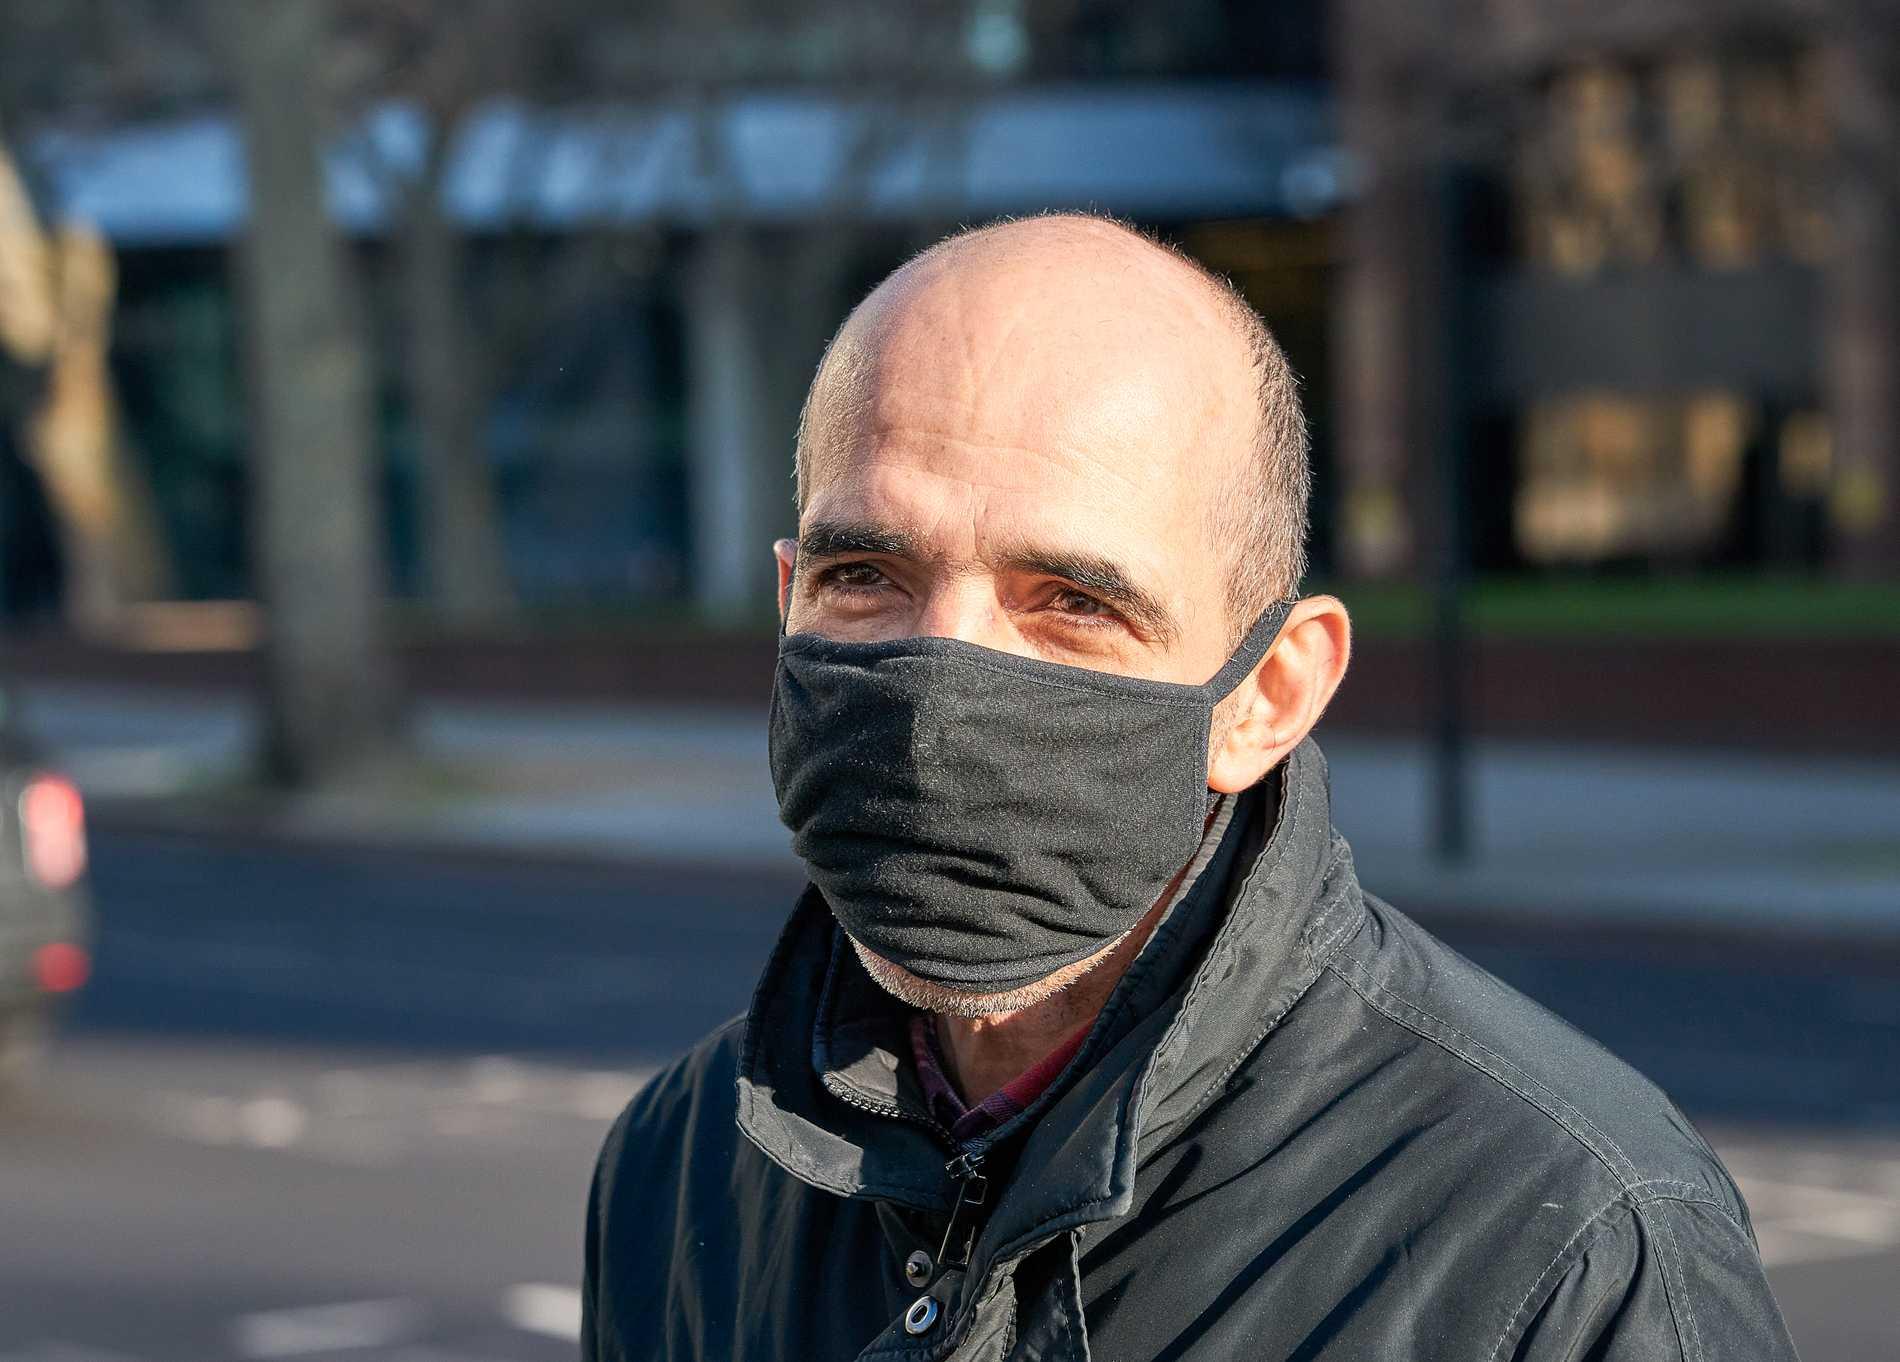 Muanet Xhenaili, 48, tivlar på att coronaviruset är farligare än en vanlig influensa, men väljer ändå att bära mask.